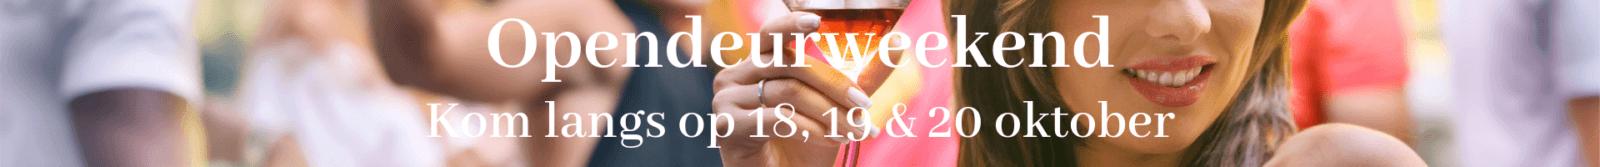 opendeurweekend oktober 2019